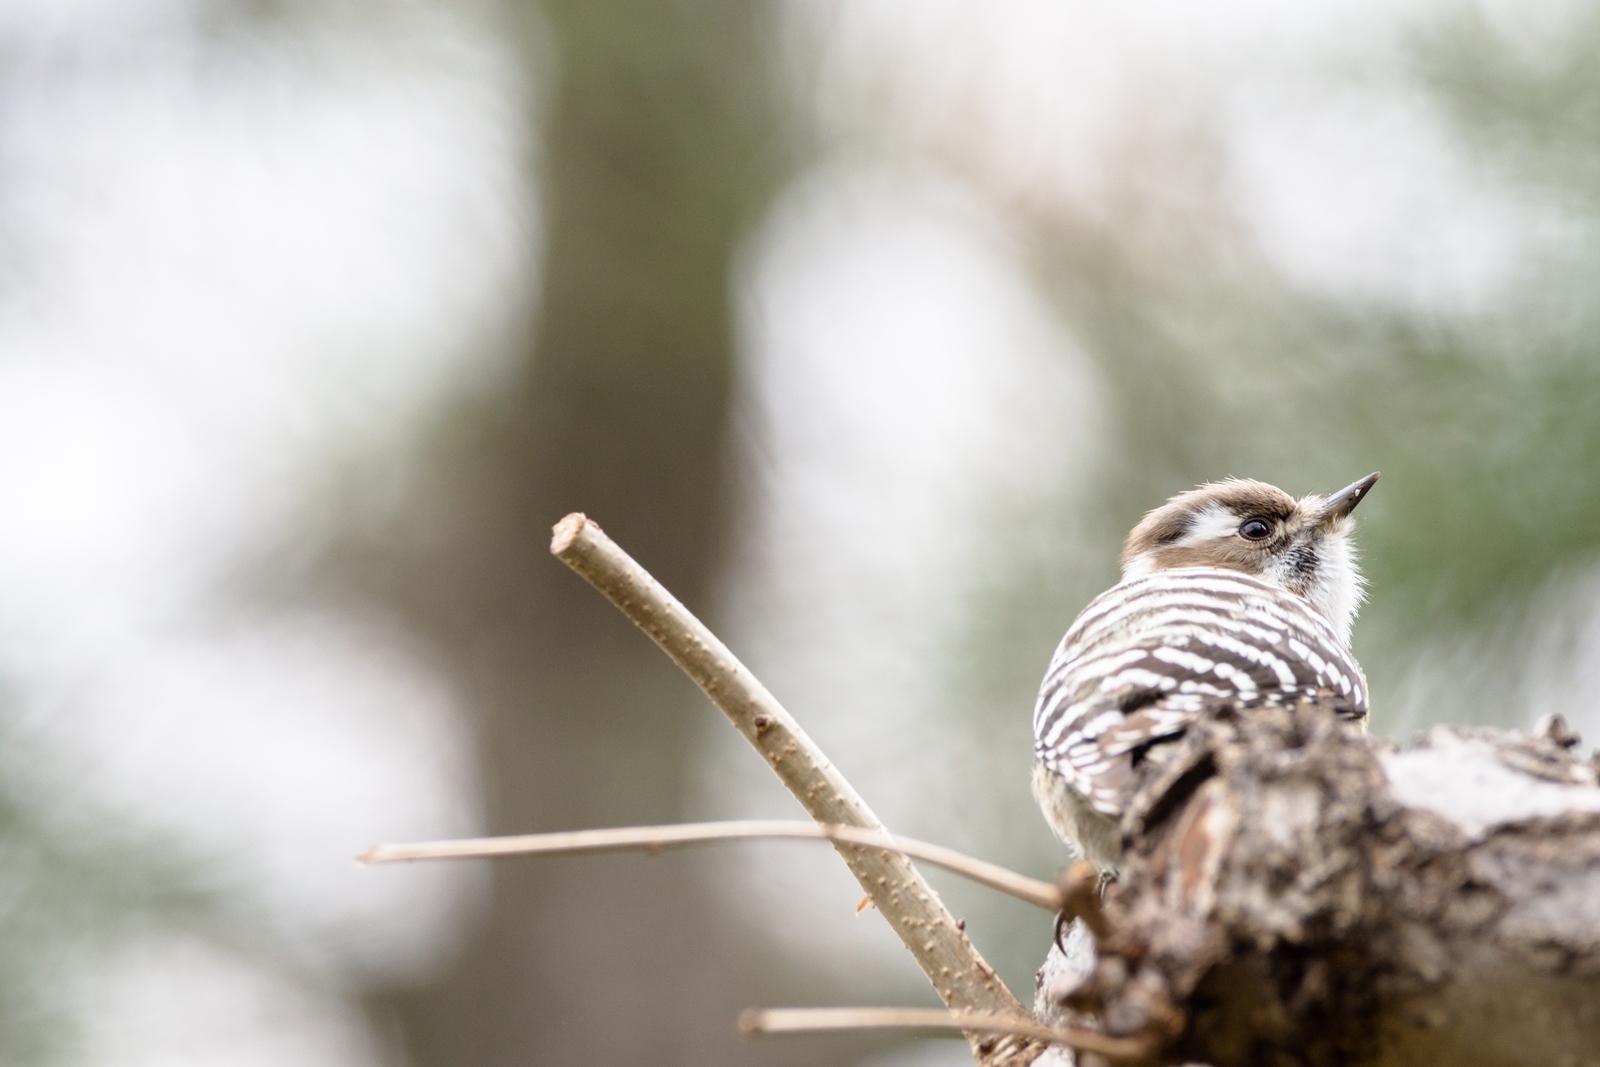 Photo: 「まっすぐな意思」 / Honest eyes.  つぶらな瞳に まっすぐな意思 こつこつと ただ日々を進む  Japanese Pygmy Woodpecker. (コゲラ)  Nikon D7200 SIGMA 150-600mm F5-6.3 DG OS HSM Contemporary  #birdphotography #birds #kawaii #nikon #sigma #小鳥グラファー  ( http://takafumiooshio.com/archives/757 )